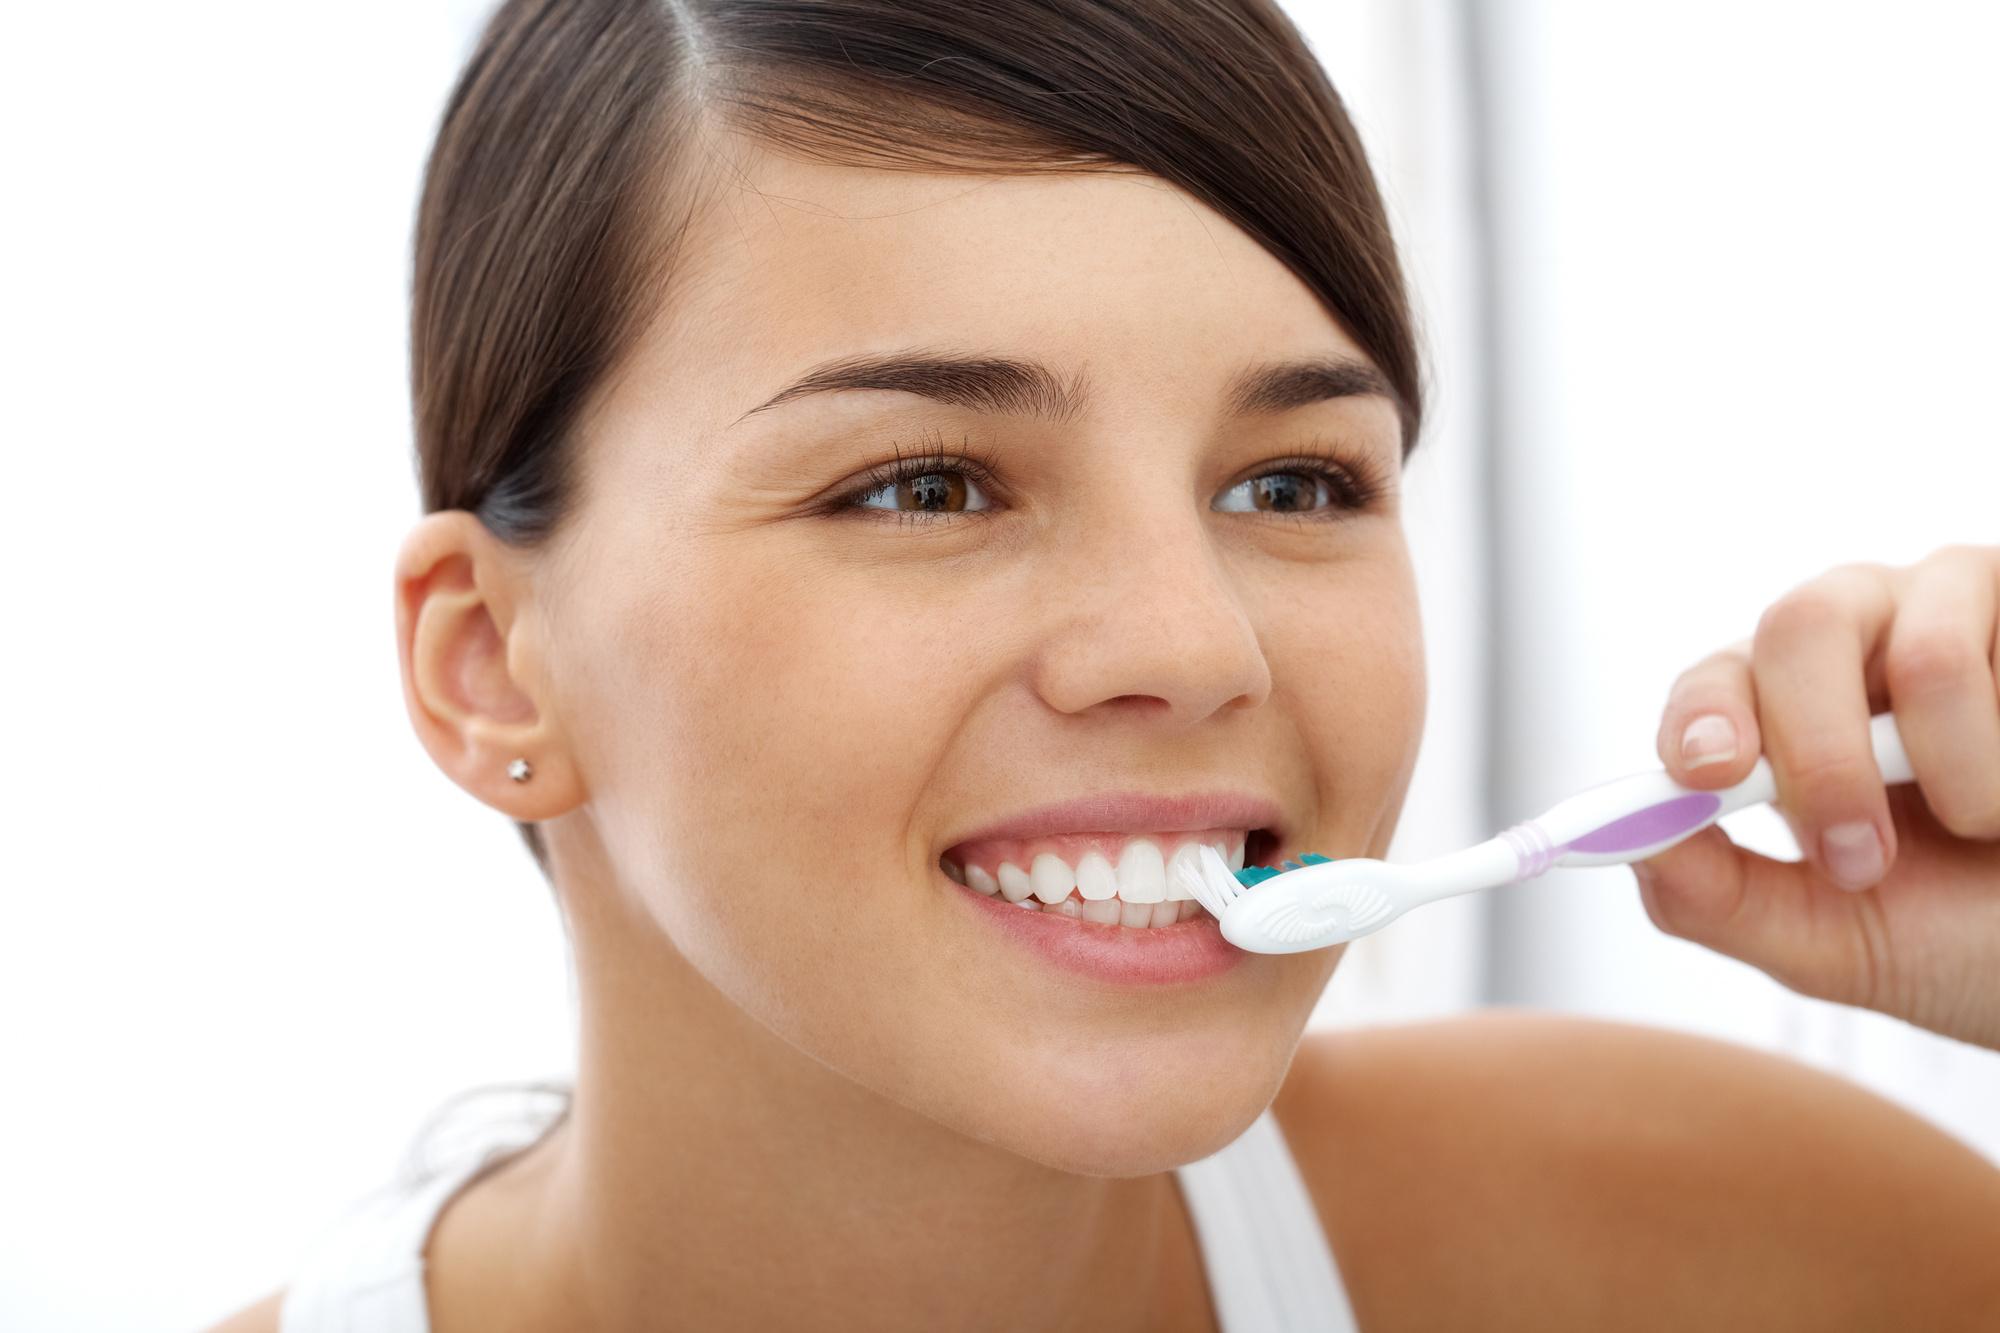 Безопасная зубная паста: список, производители, рейтинг лучших, состав пасты, отсутствие вредных компонентов, рекомендации стоматологов и отзывы покупателей